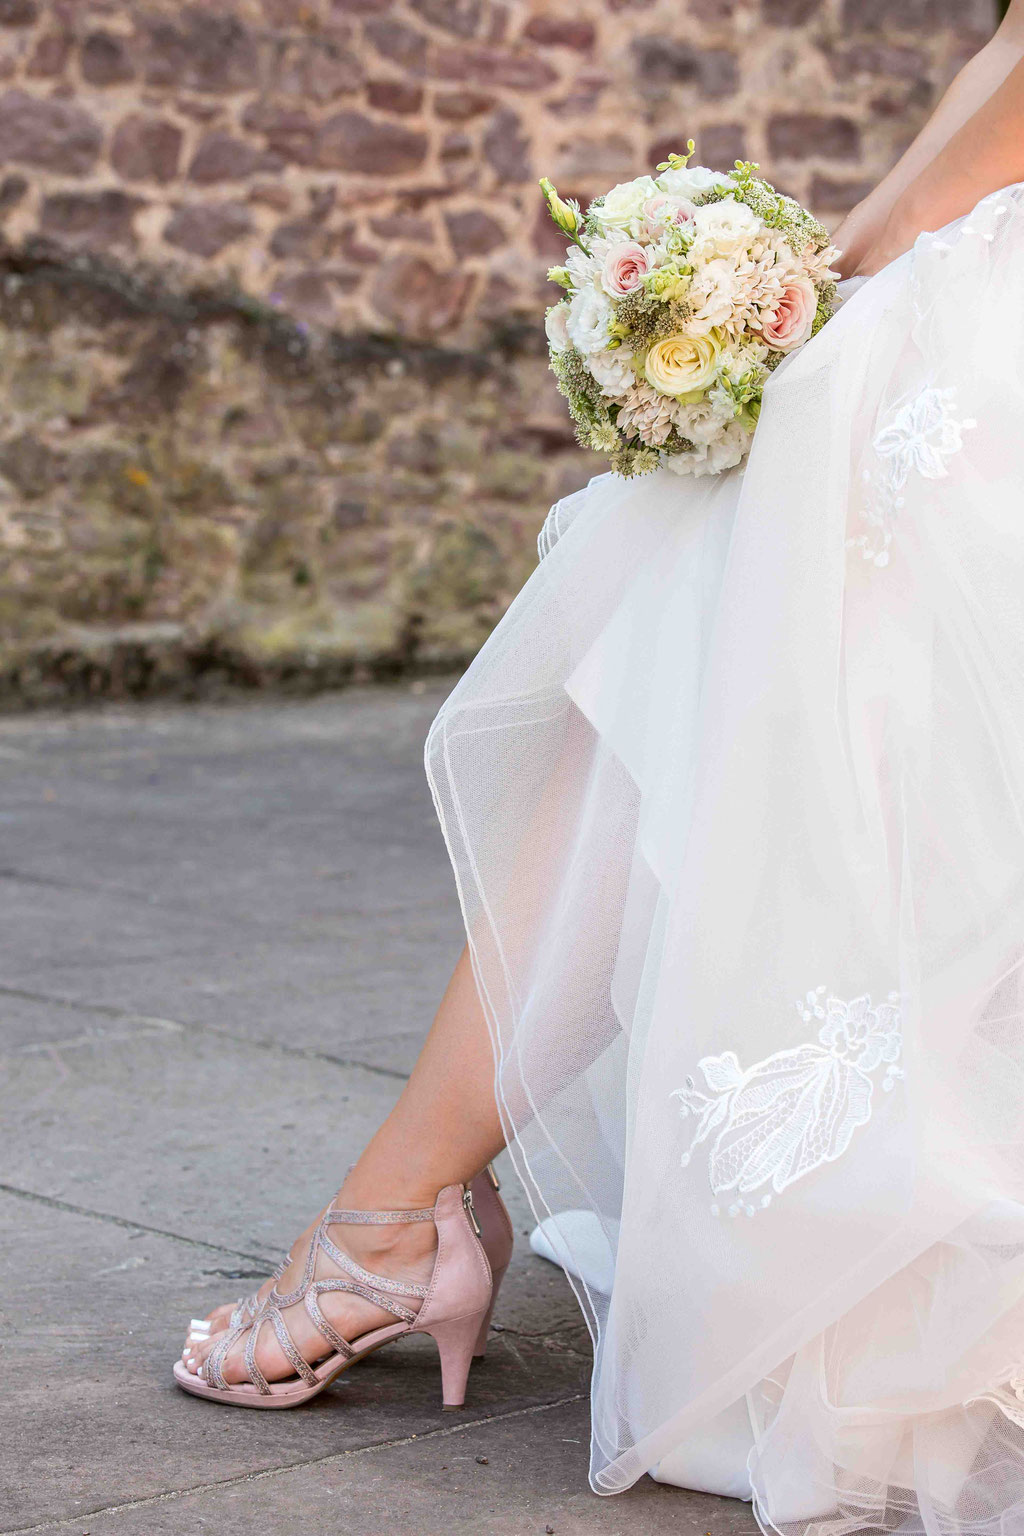 Hochzeit: Weststadtbar Darmstadt, Mainzer Straße 106, 64293 Darmstadt - Hochzeitsfotograf, Brautkleid Bilder, Fotos vom Brautstrauß, Inszenierung Brautkleid und Brautstrauß, tolle Aufnahmen unserer Hochzeit